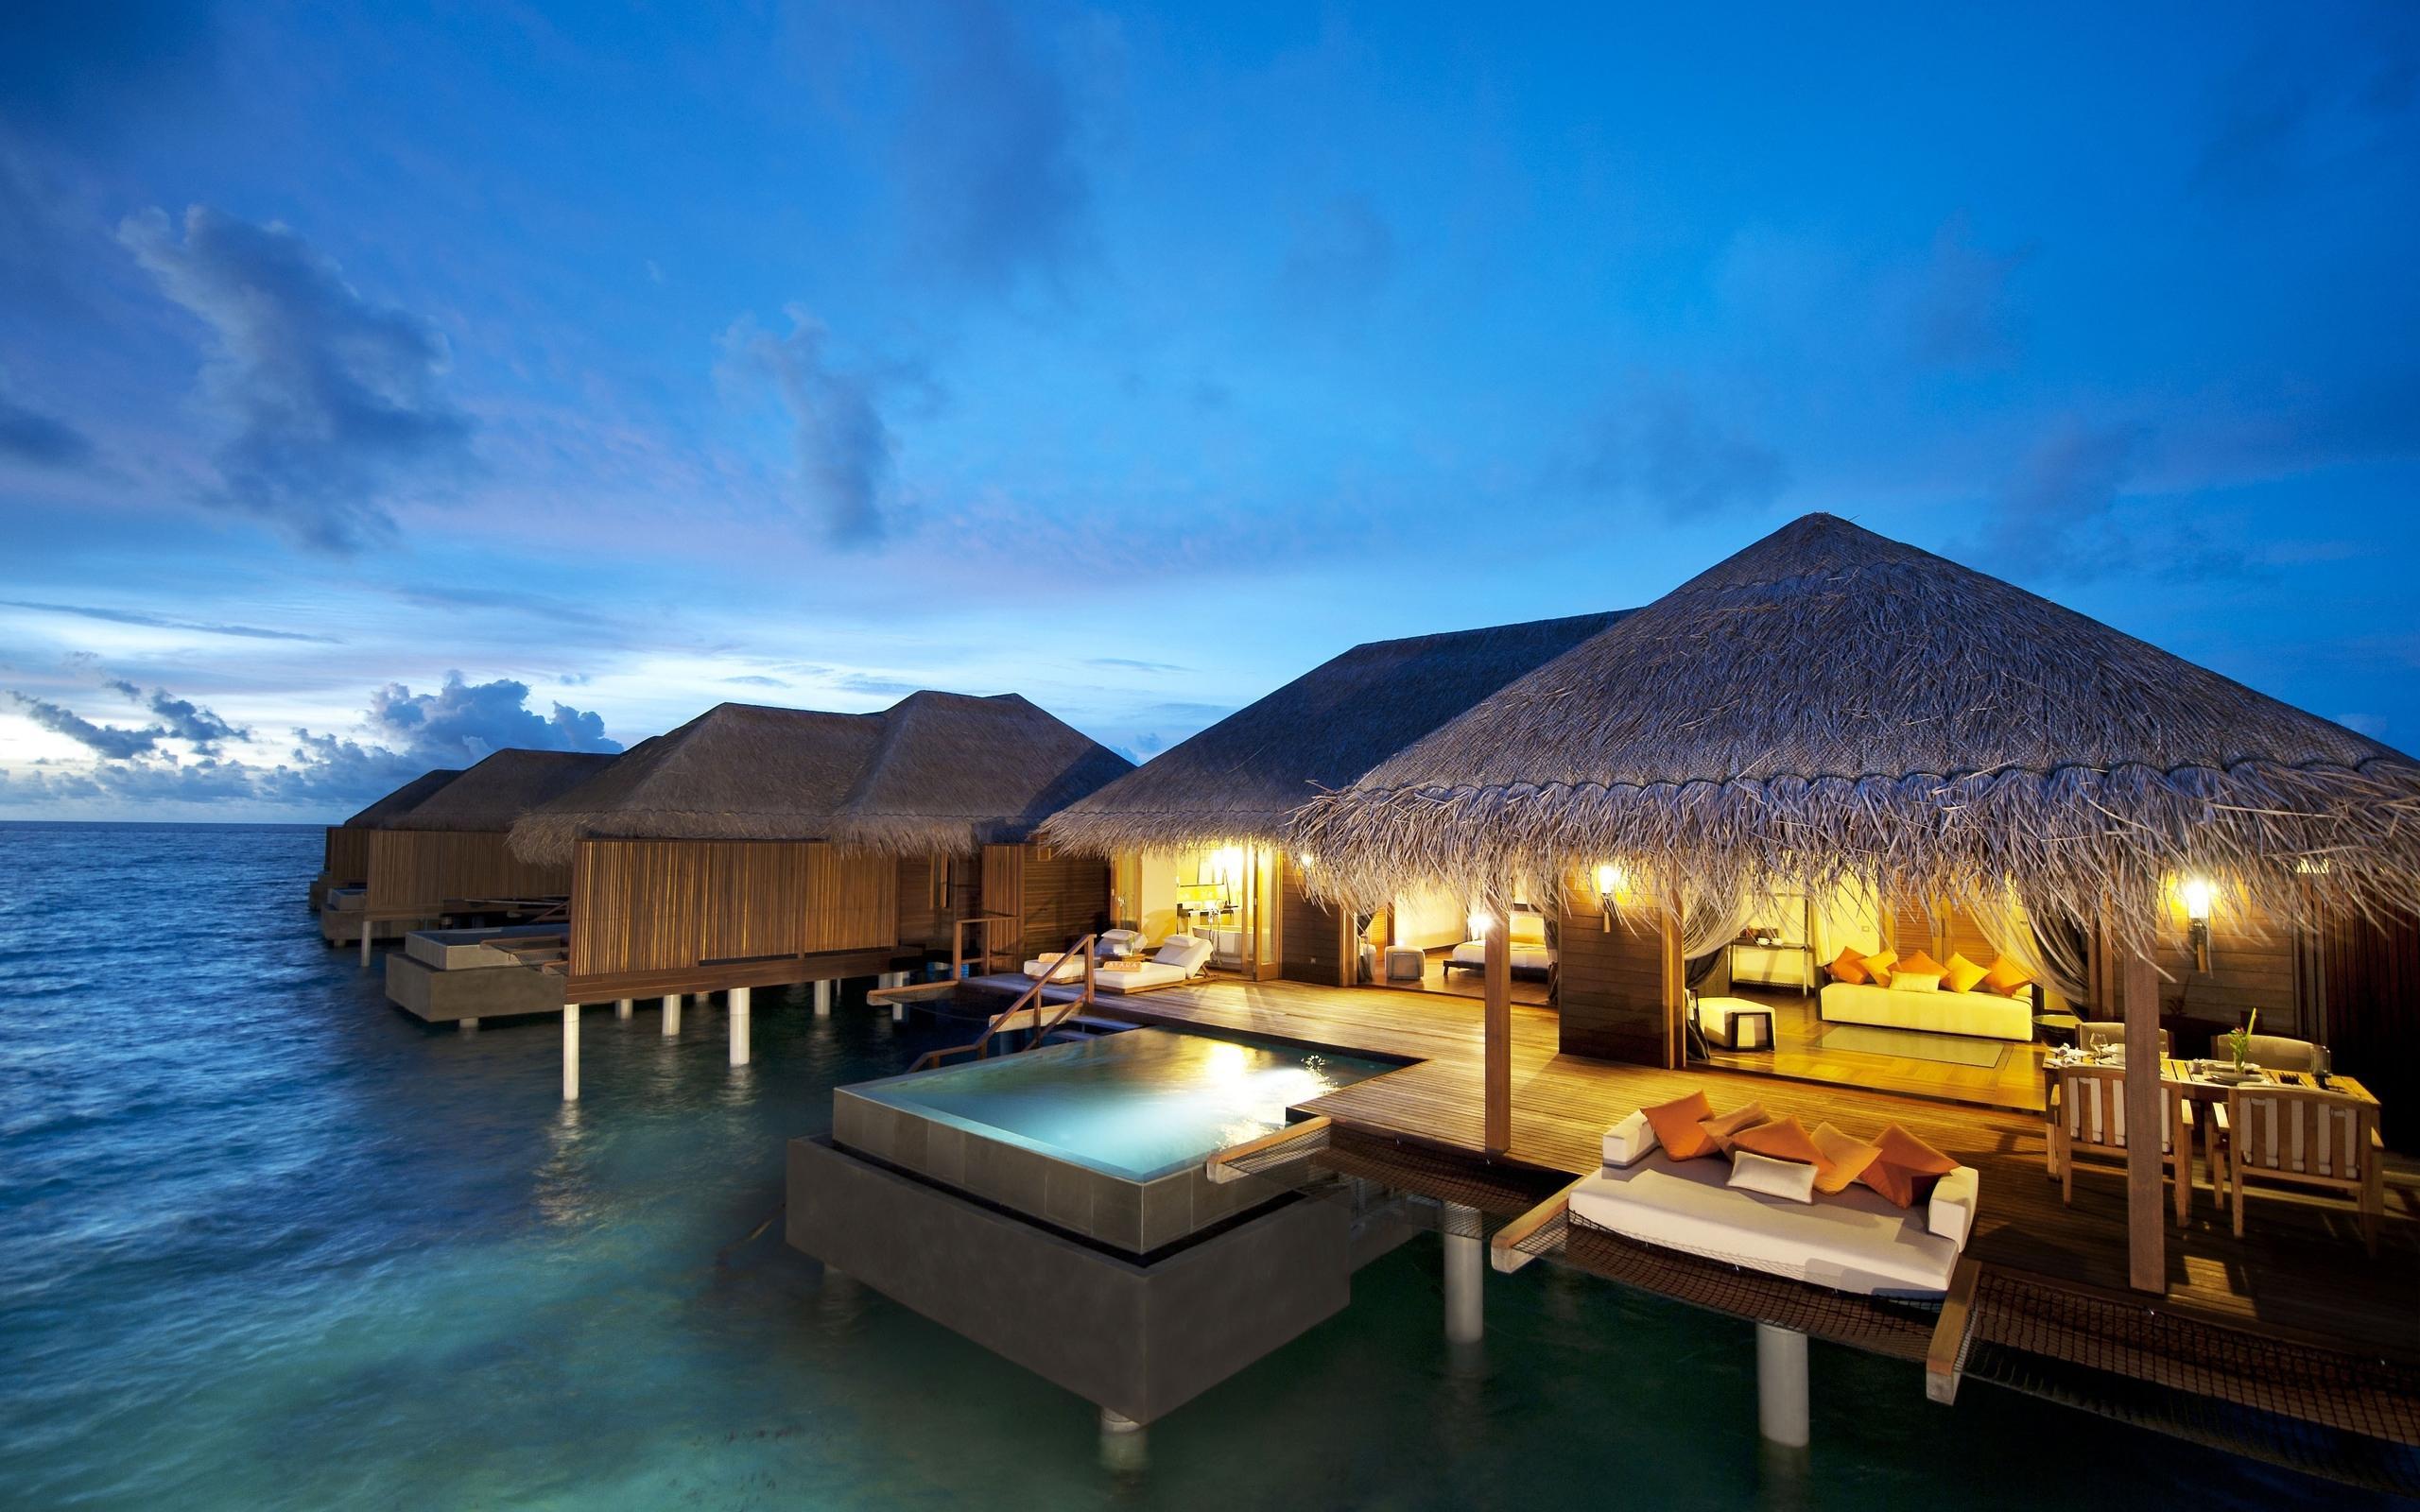 旅游圣地马尔代夫风景桌面宽屏电脑壁纸